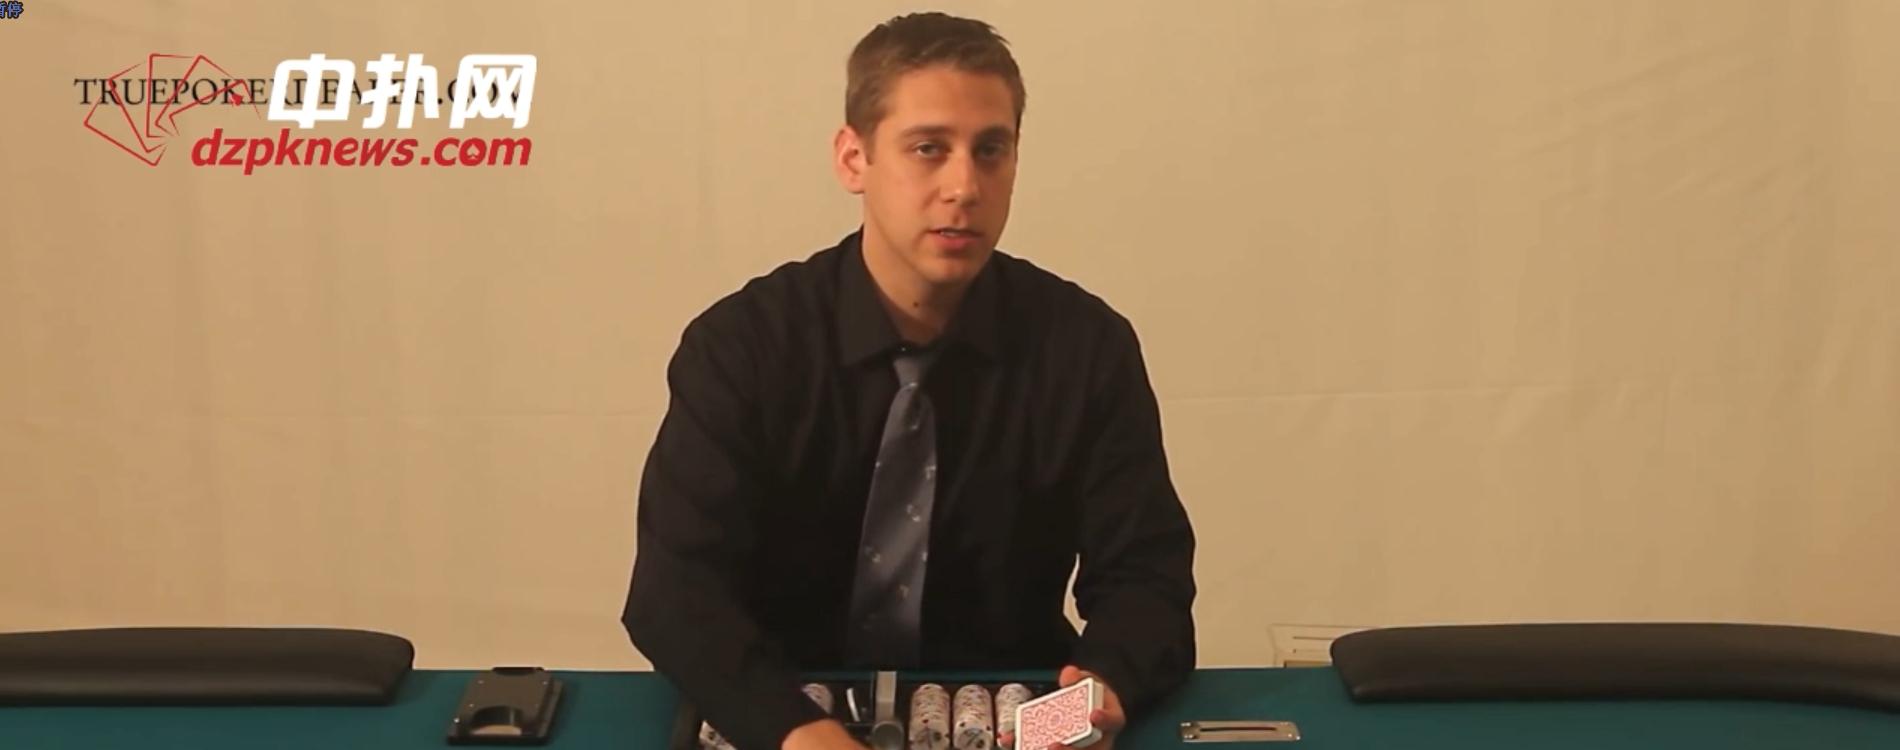 【辣眼视频】你以为荷官洗牌就是随便弄弄?错,这里边儿学问大着呢……